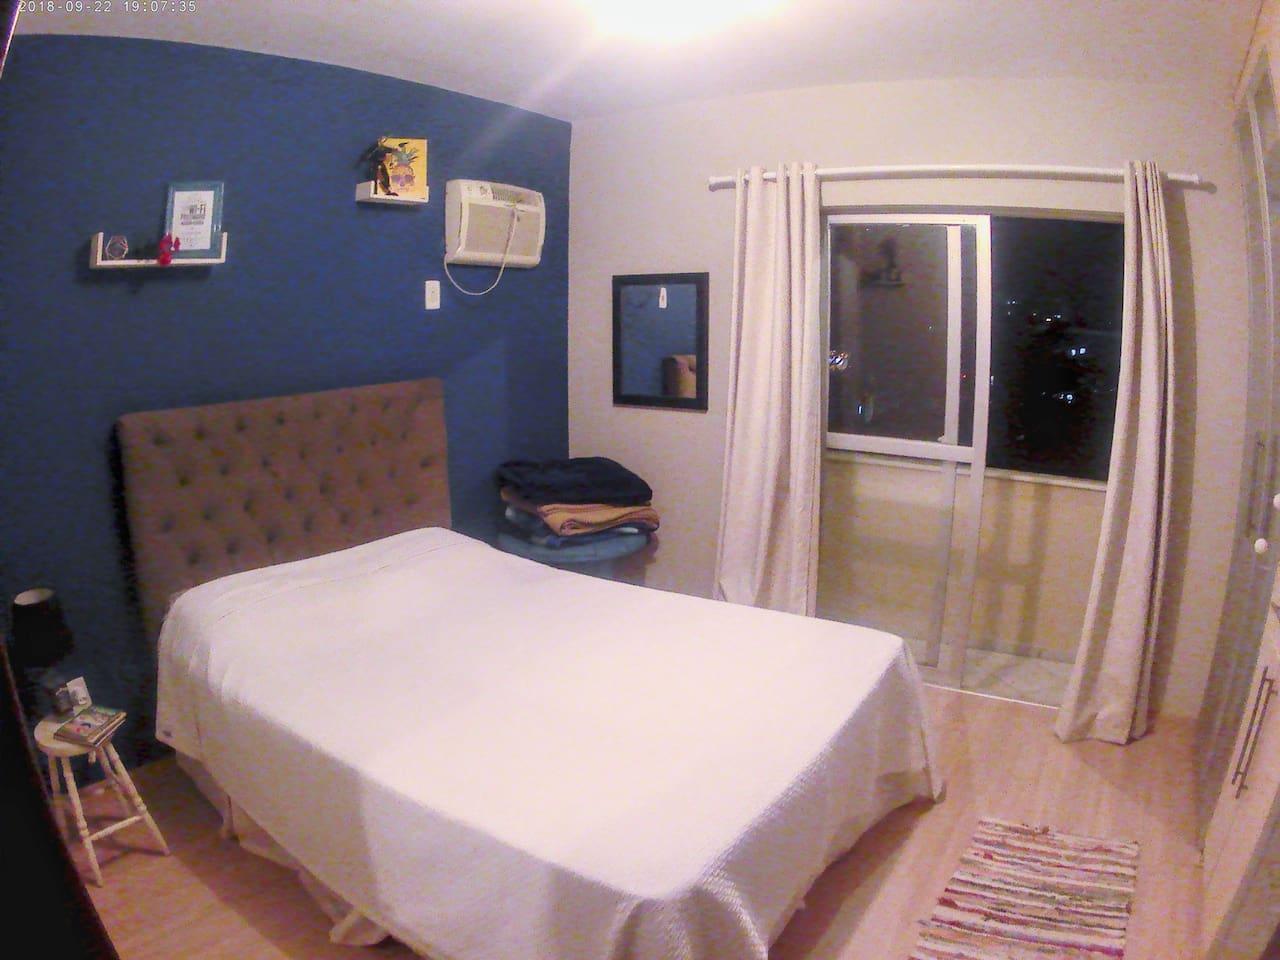 O quarto conta com uma cama de casal super confortável, um abajur de leitura e o mais importante: tomada do lado da cama! Há espaço para um colchão inflável no chão para acomodar uma terceira pessoa.